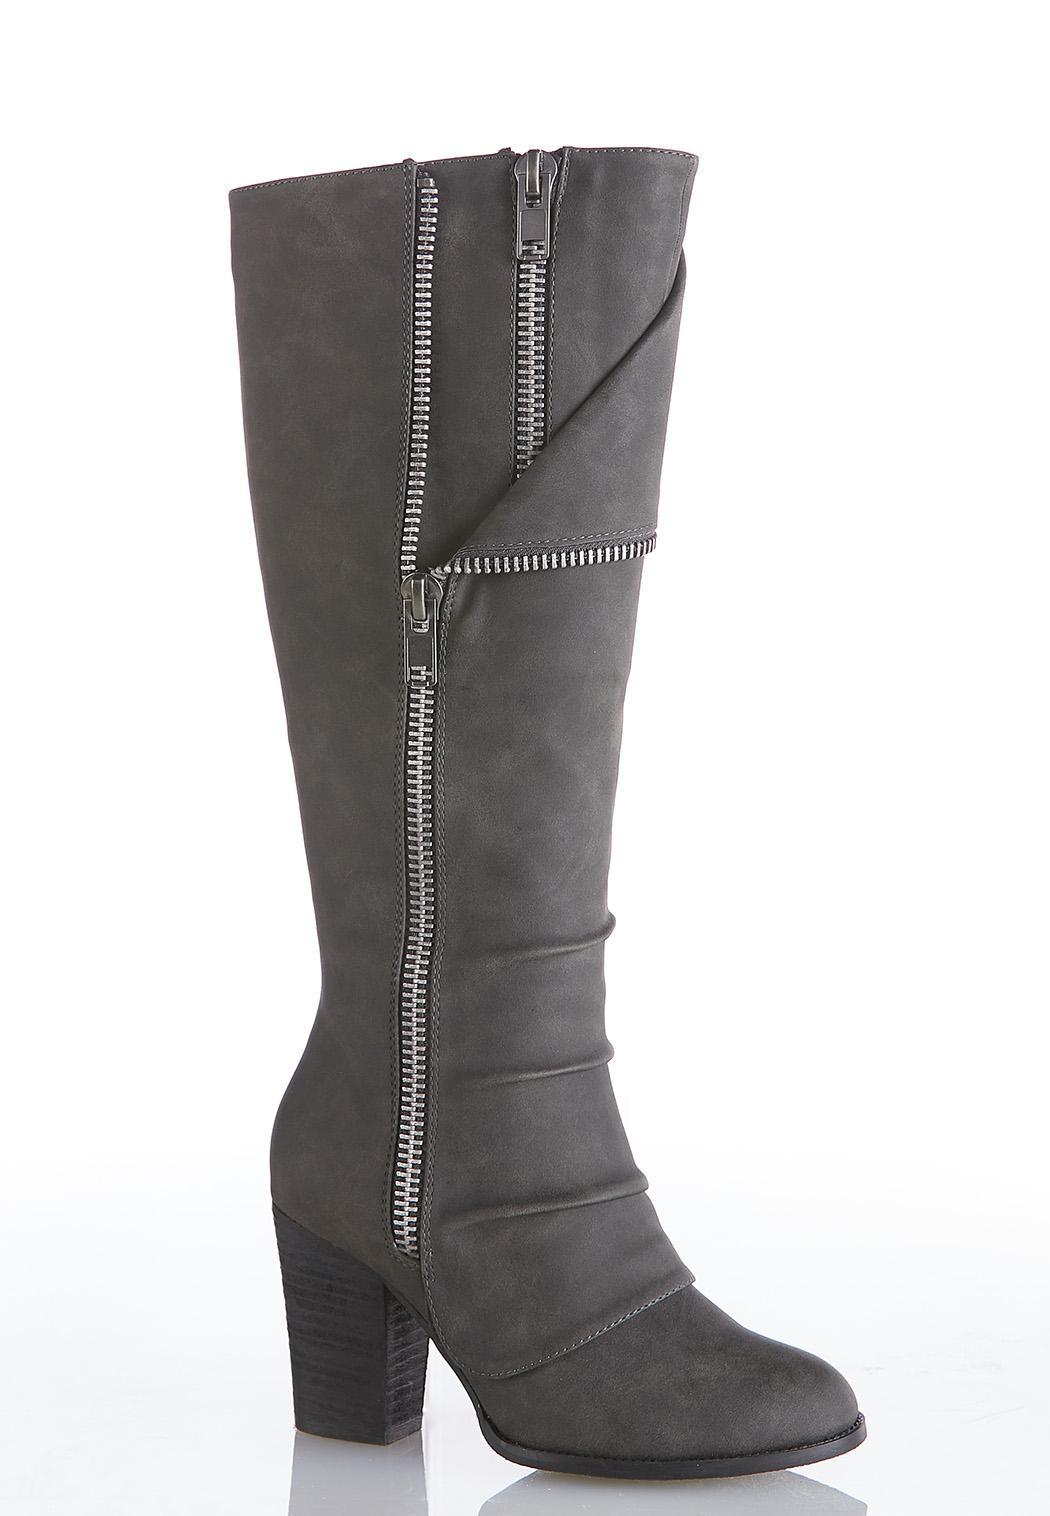 Zipper Detail Tall Boots